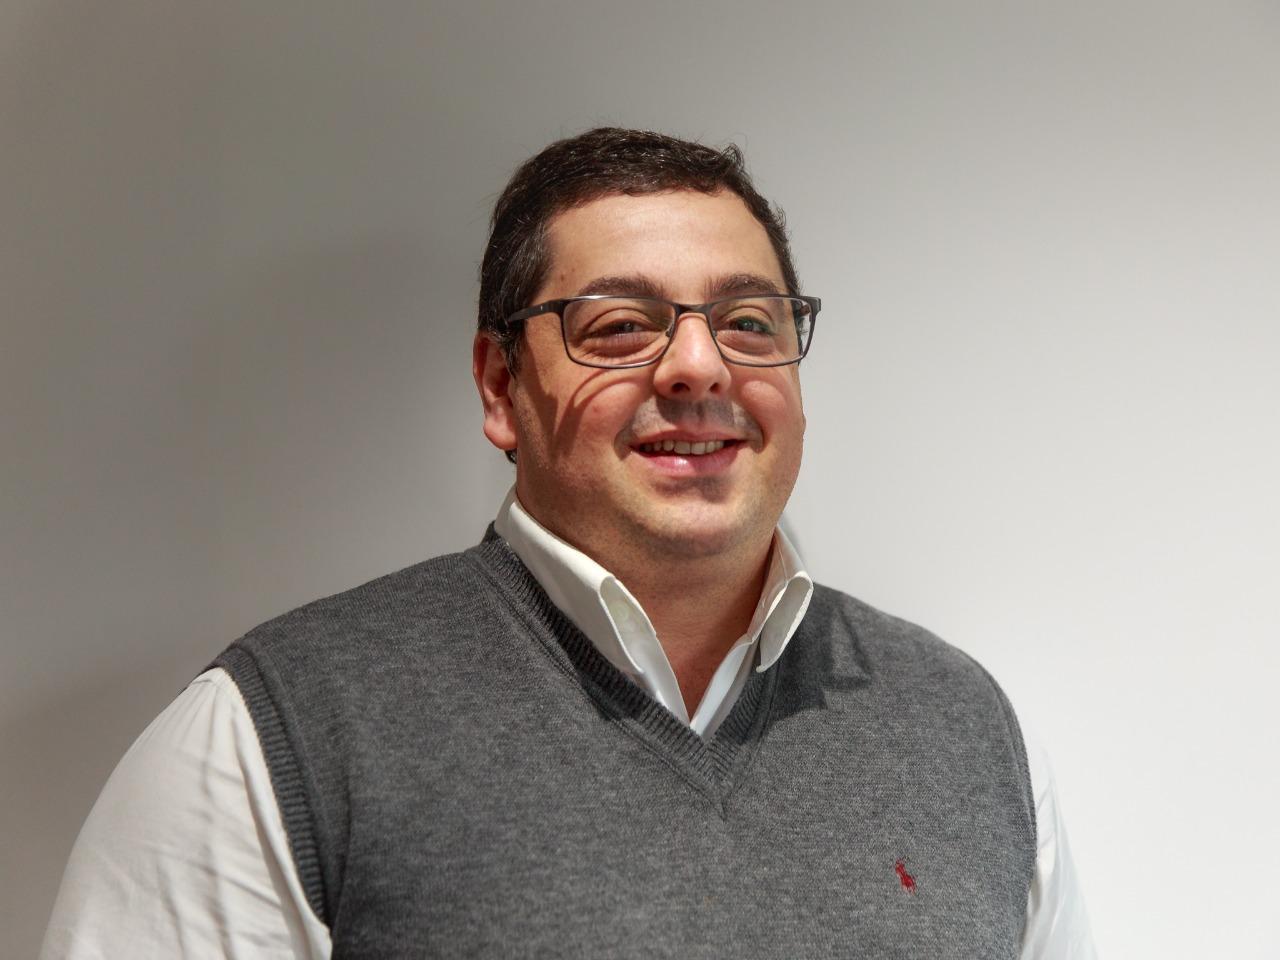 Diego Ferreira Da Silva